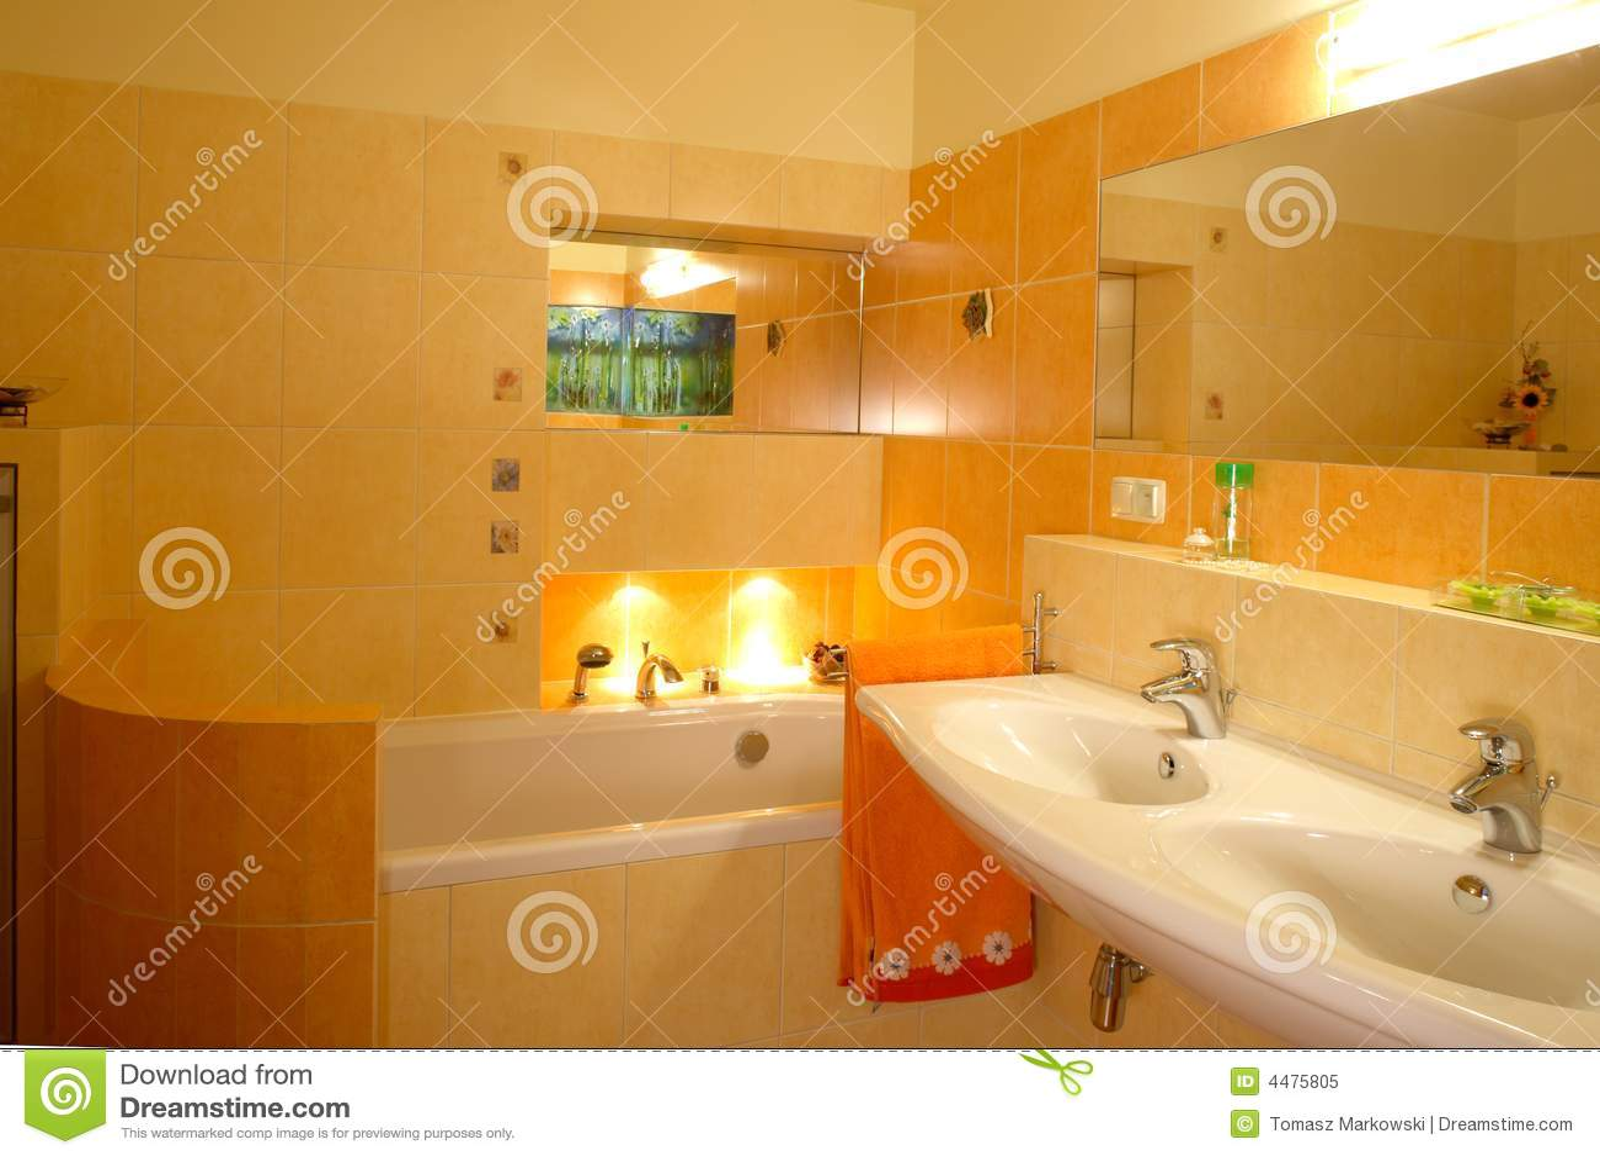 Interiore arancione della stanza da bagno immagine stock